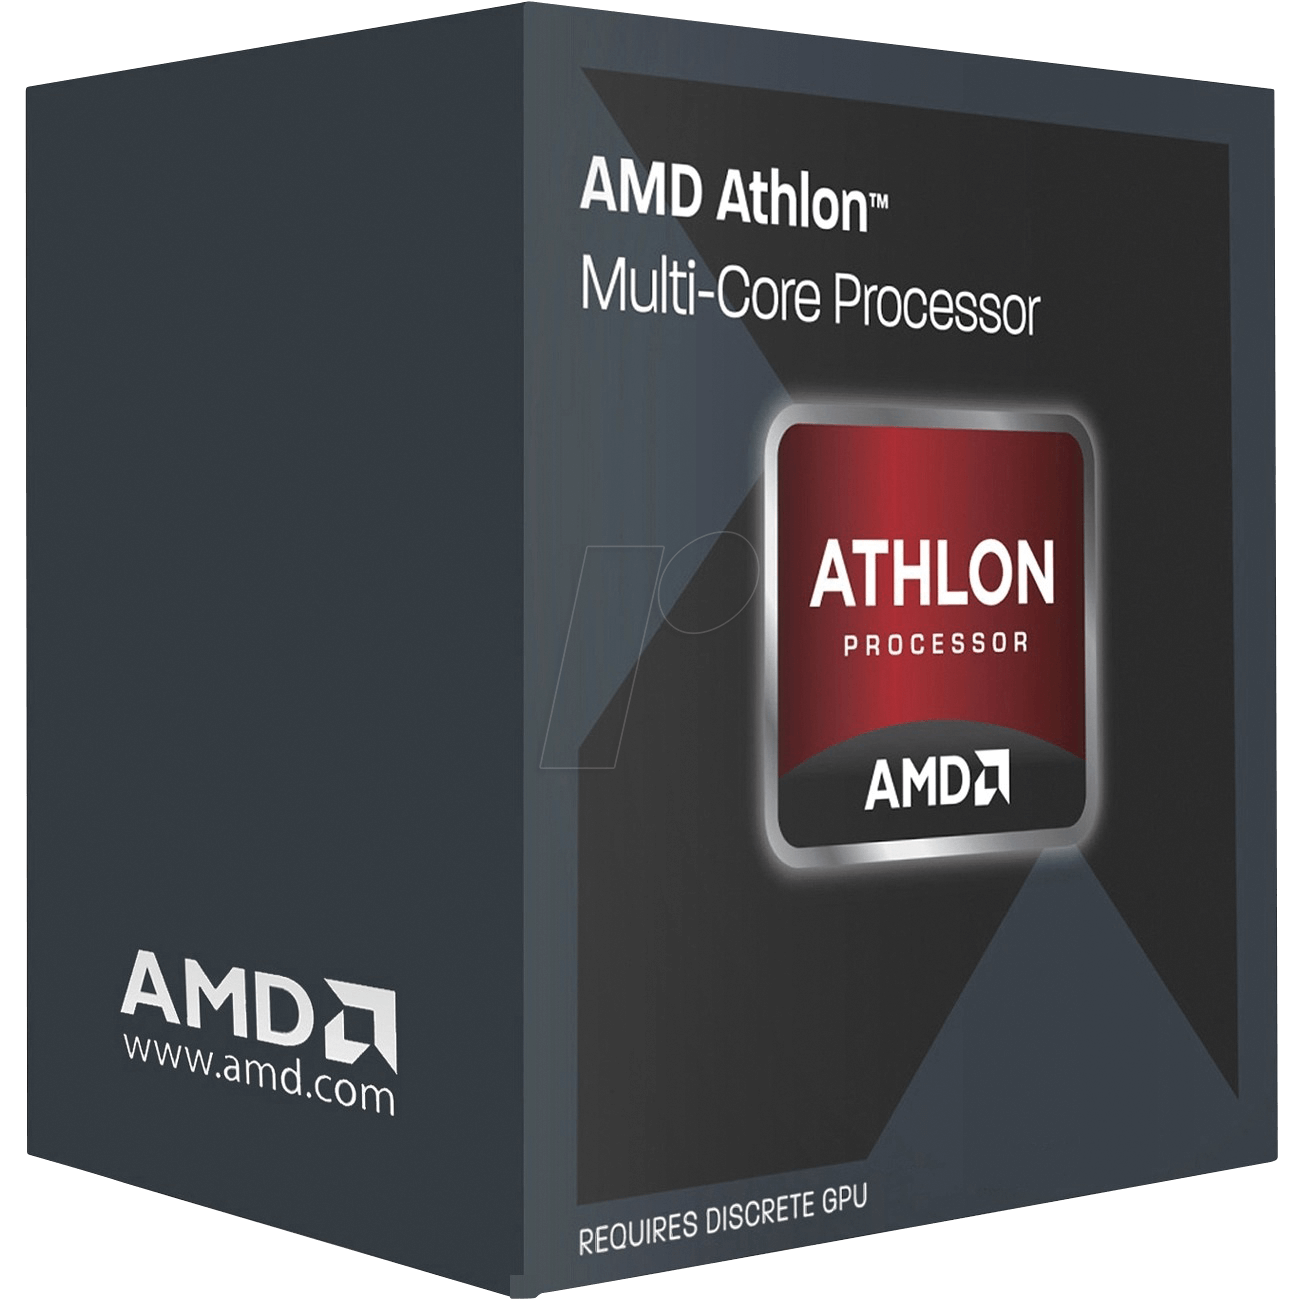 https://cdn-reichelt.de/bilder/web/xxl_ws/E800/AMD_A-X4-845_01.png